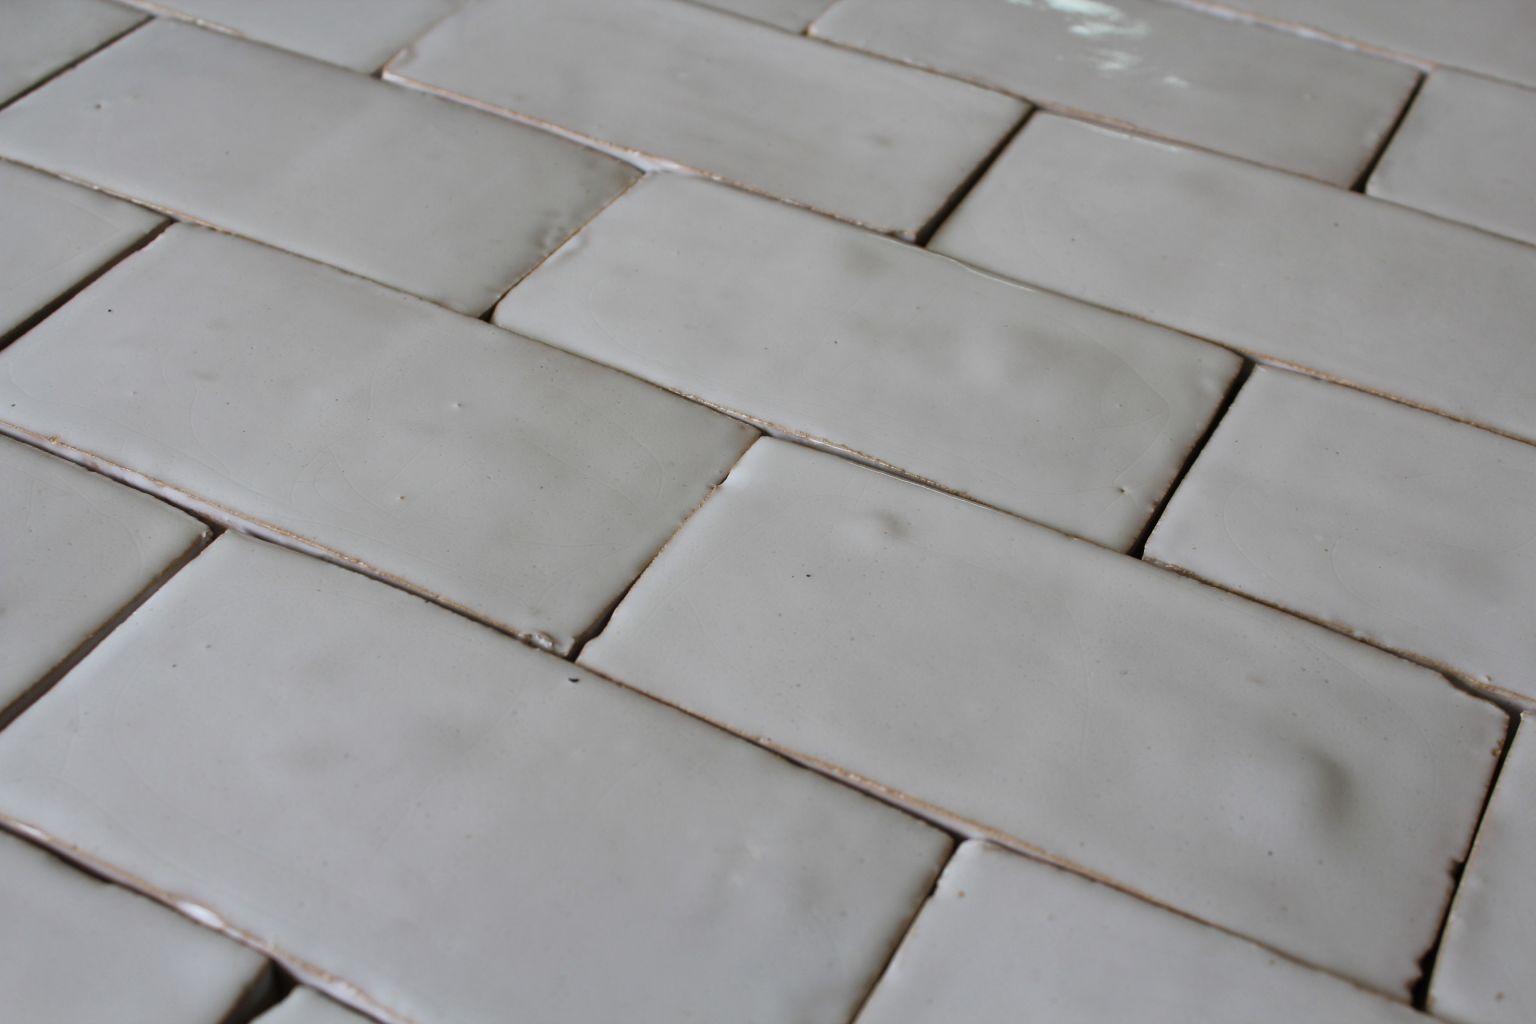 Hand Made White Glazed Terra Cotta Tiles Bca Antique